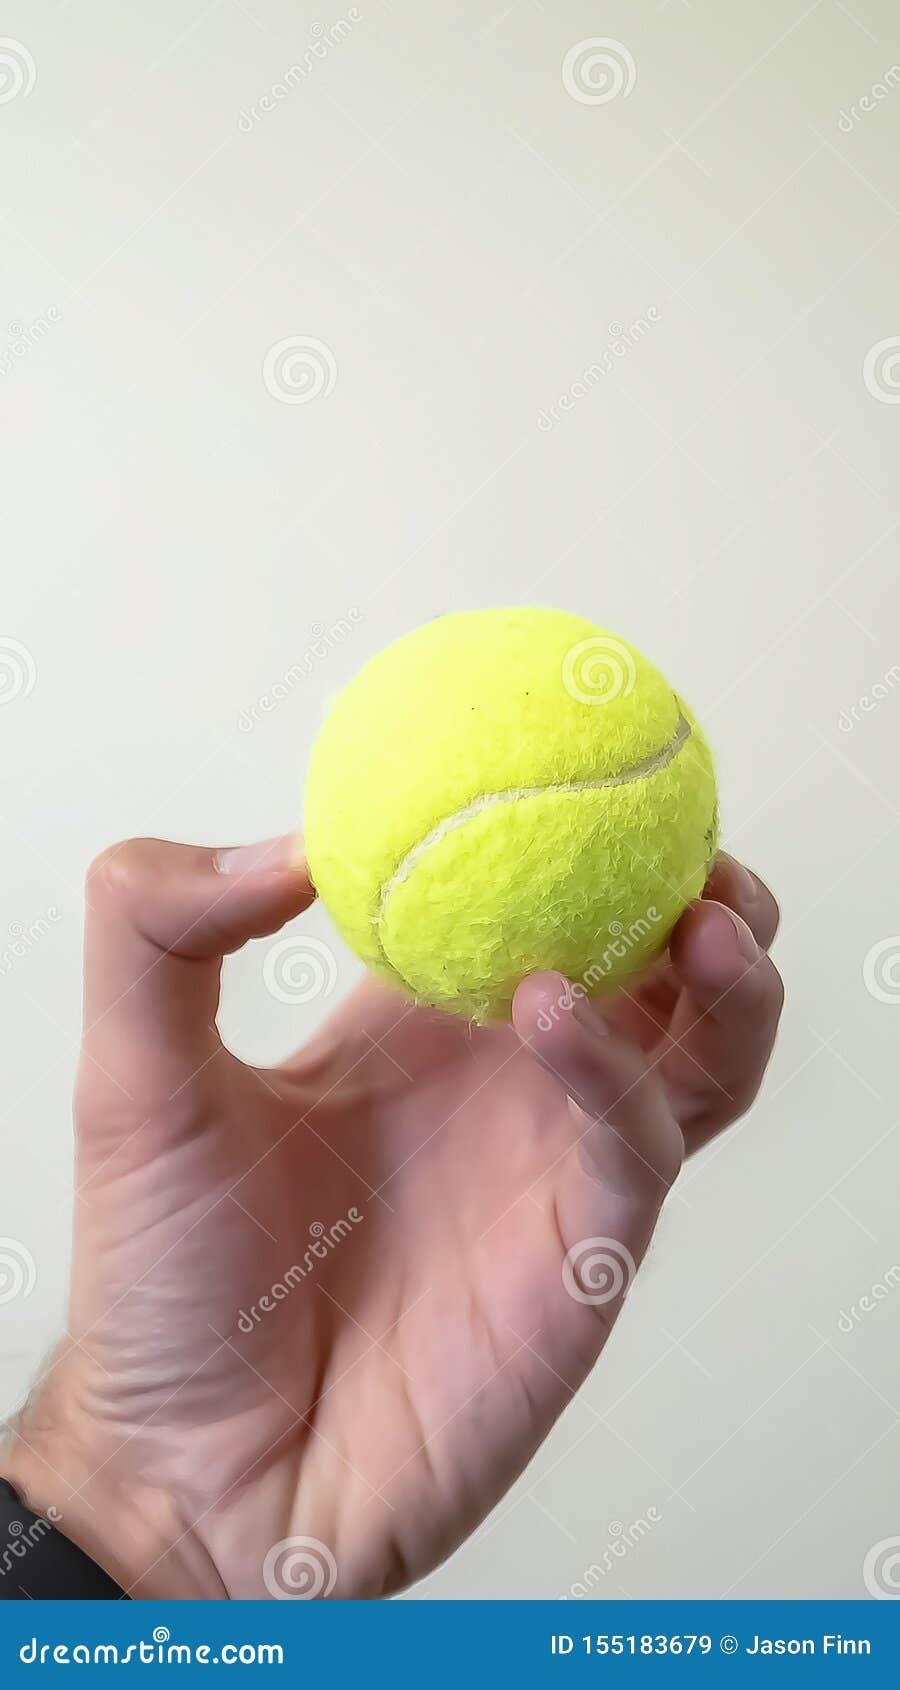 手举行的垂直的小球被隔绝对白色墙壁和天花板背景